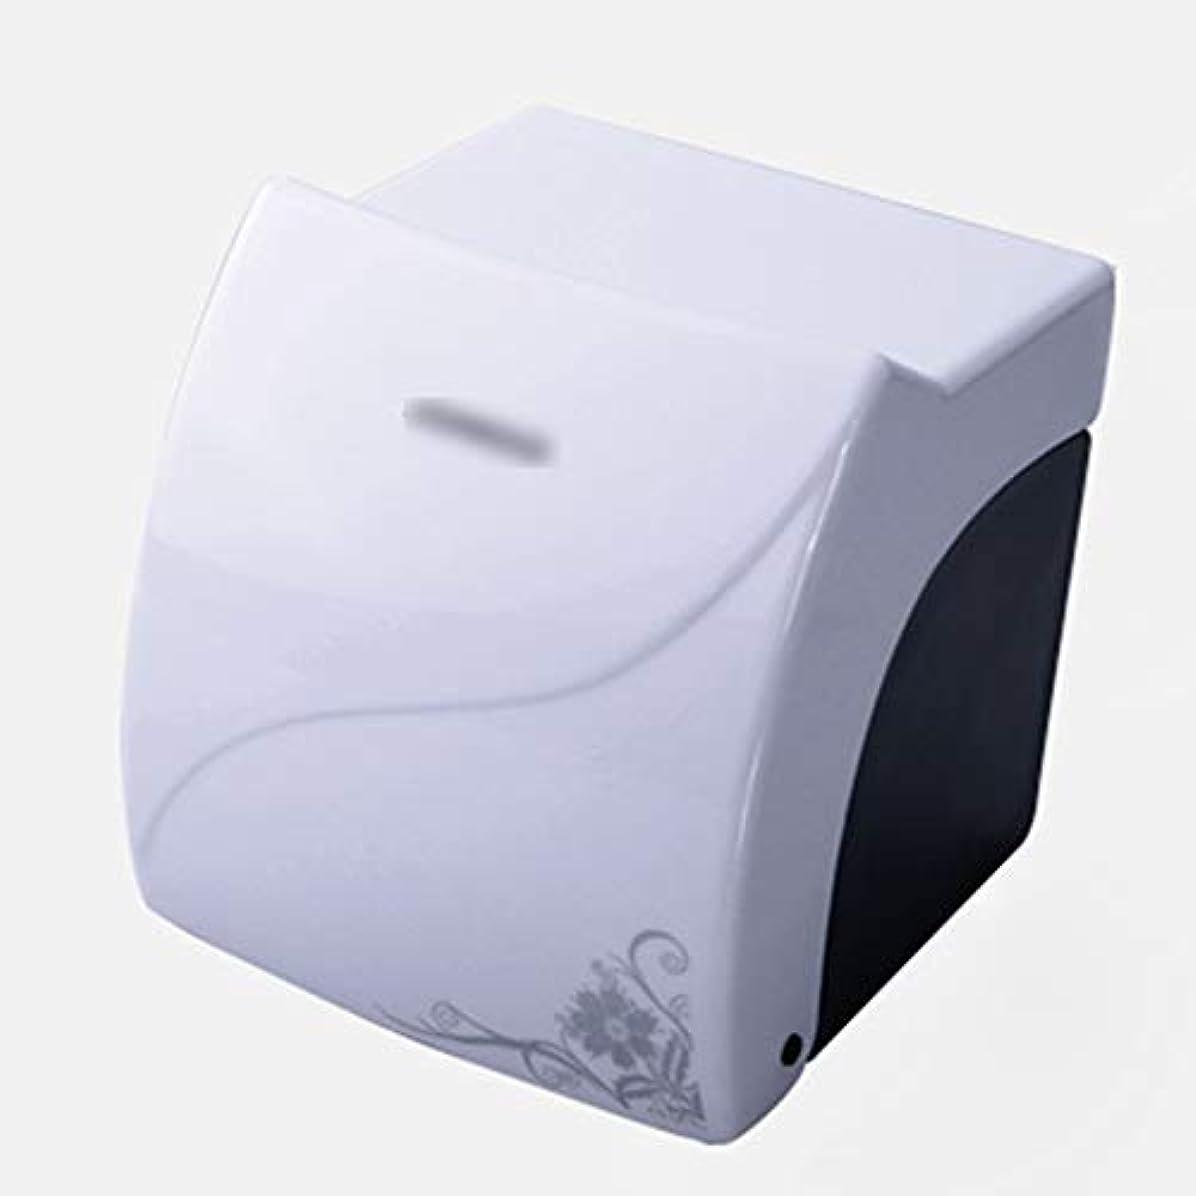 識別する調整する信念ZZLX 紙タオルホルダー、高品質ABS防水ティッシュボックストイレットペーパーボックスペーパーホルダー ロングハンドル風呂ブラシ